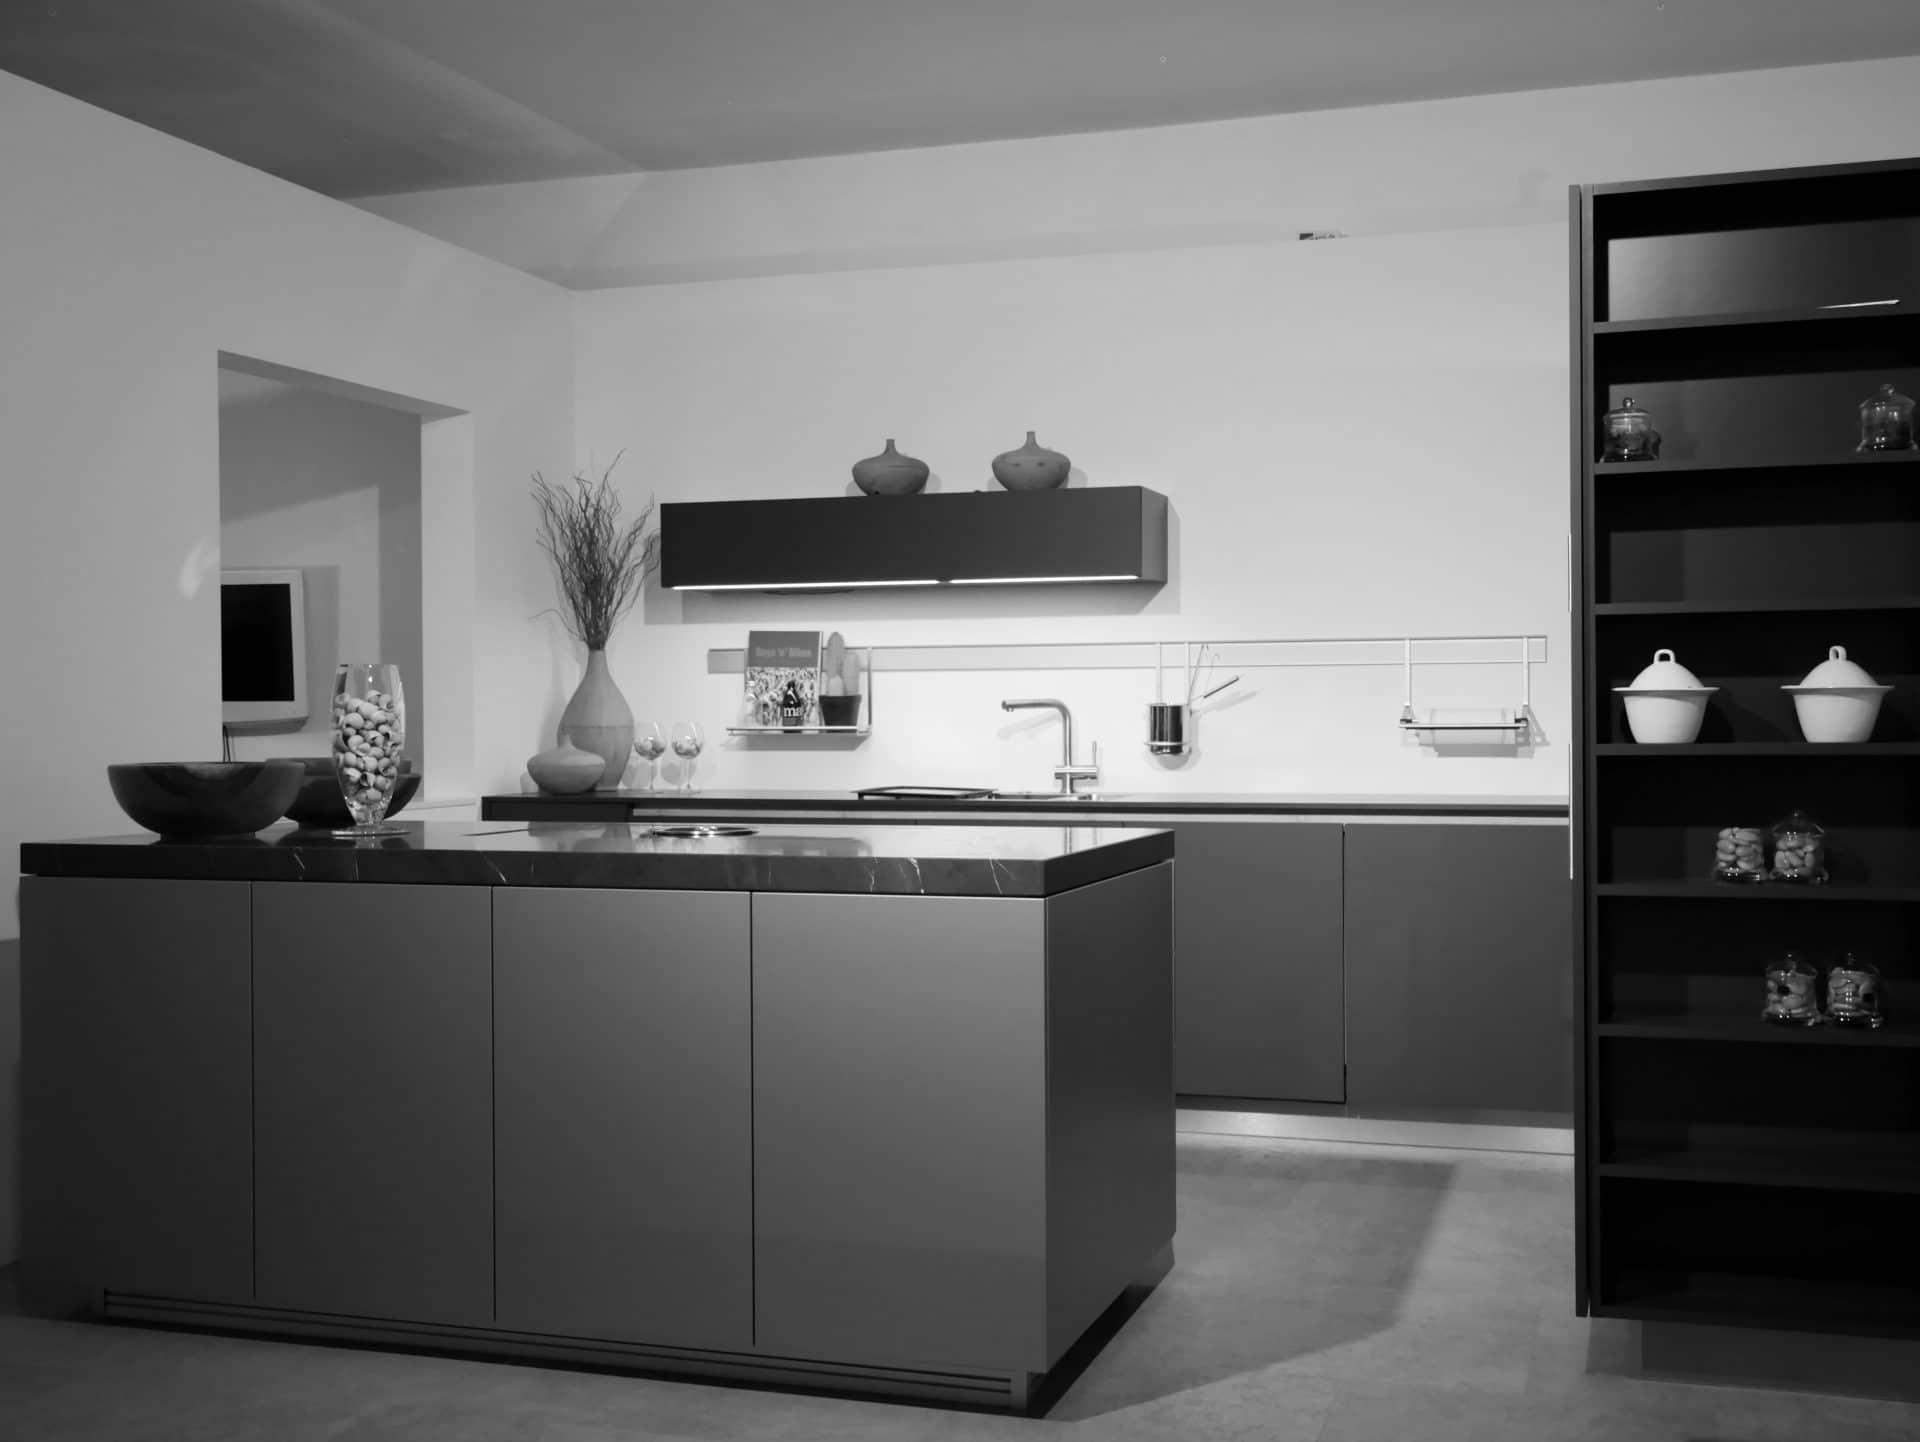 Showroom von Schreinerei und Planungsbüro VOIT in Markt Schwaben, Designerküche aus Naturstein mit Spühlbecken Amatur und Dekoration im Hintergrund - Bild in schwarz-weiß